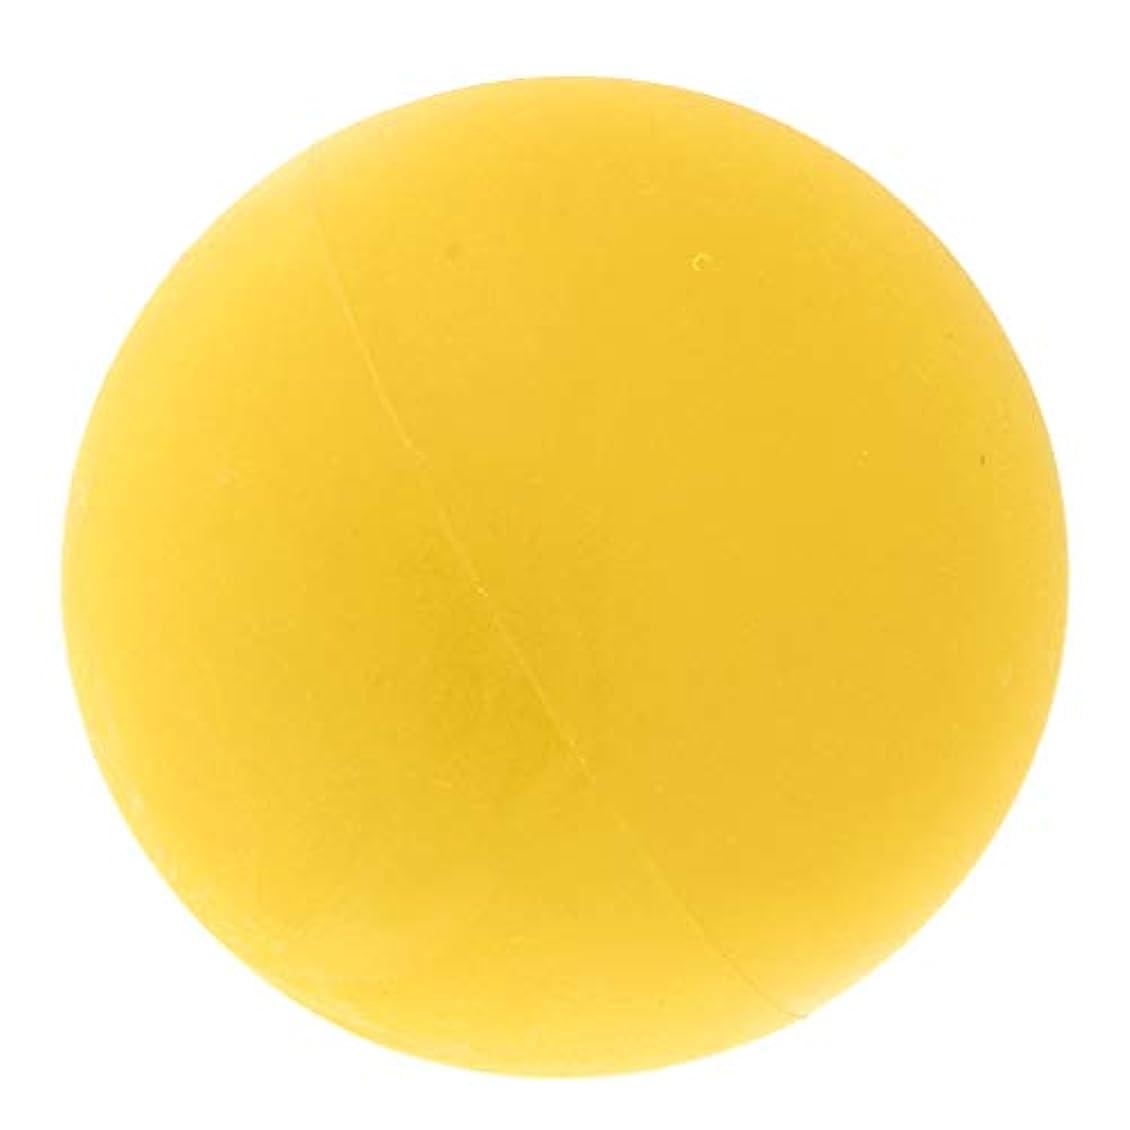 計画効率下手P Prettyia マッサージボール トリガーポイント 筋膜リリース トレーニング ヨガ ツボ押しグッズ 全4色 - 黄